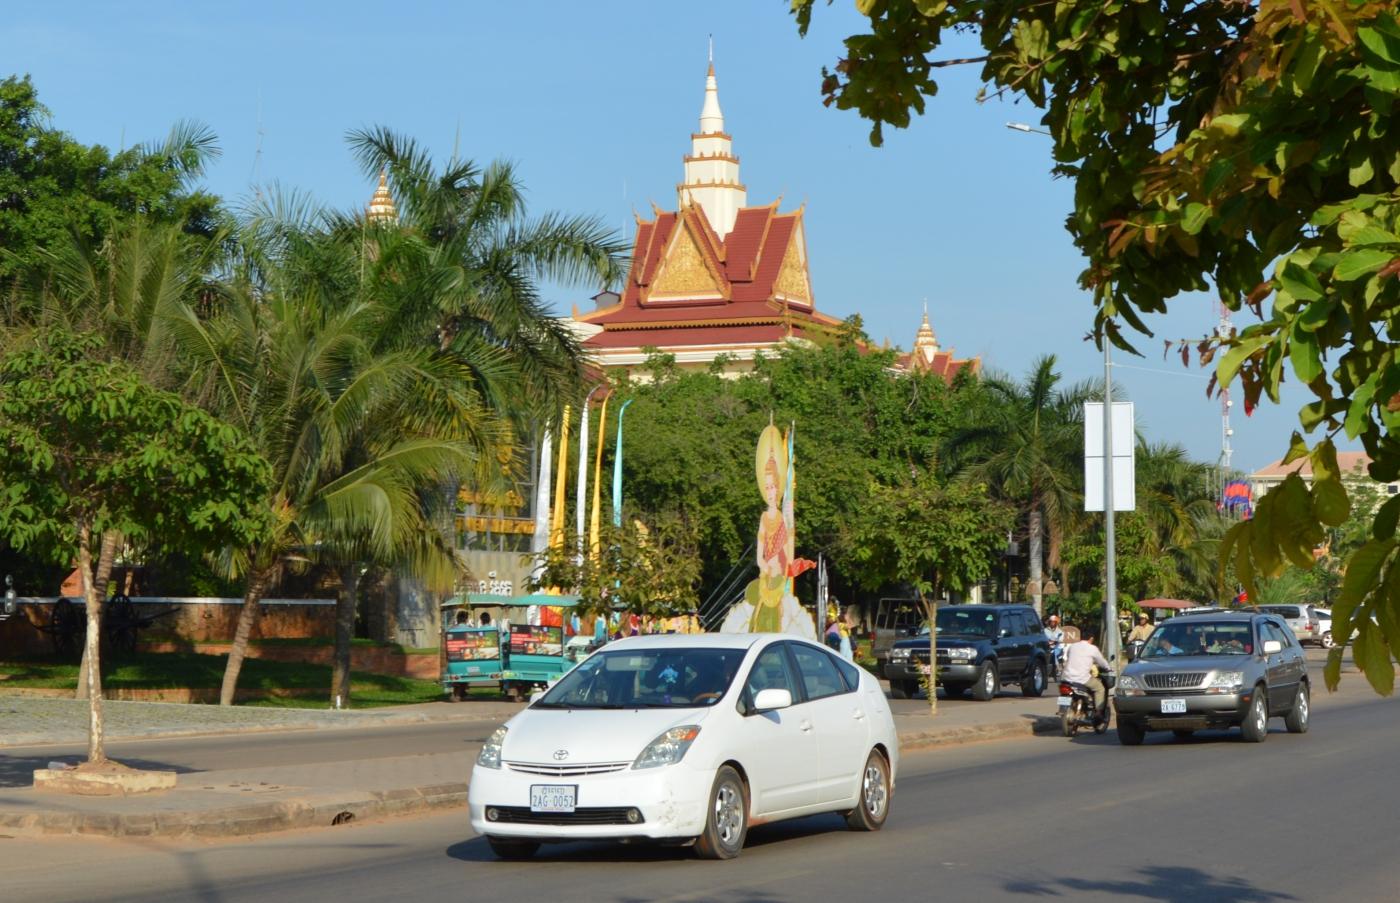 柬埔寨暹粒印象_图1-1